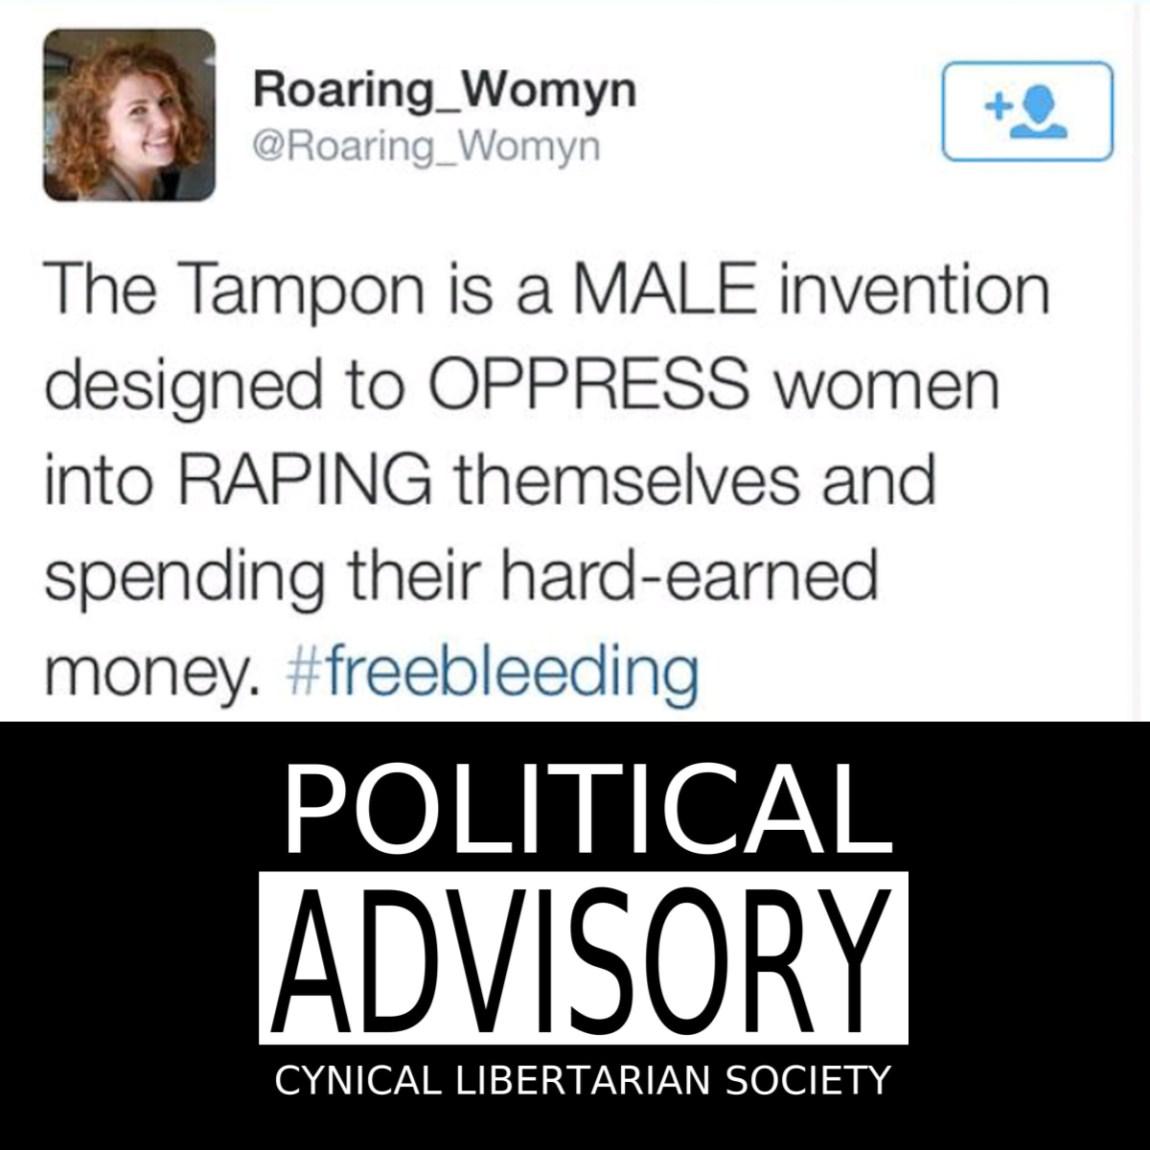 tampons rape women - cls